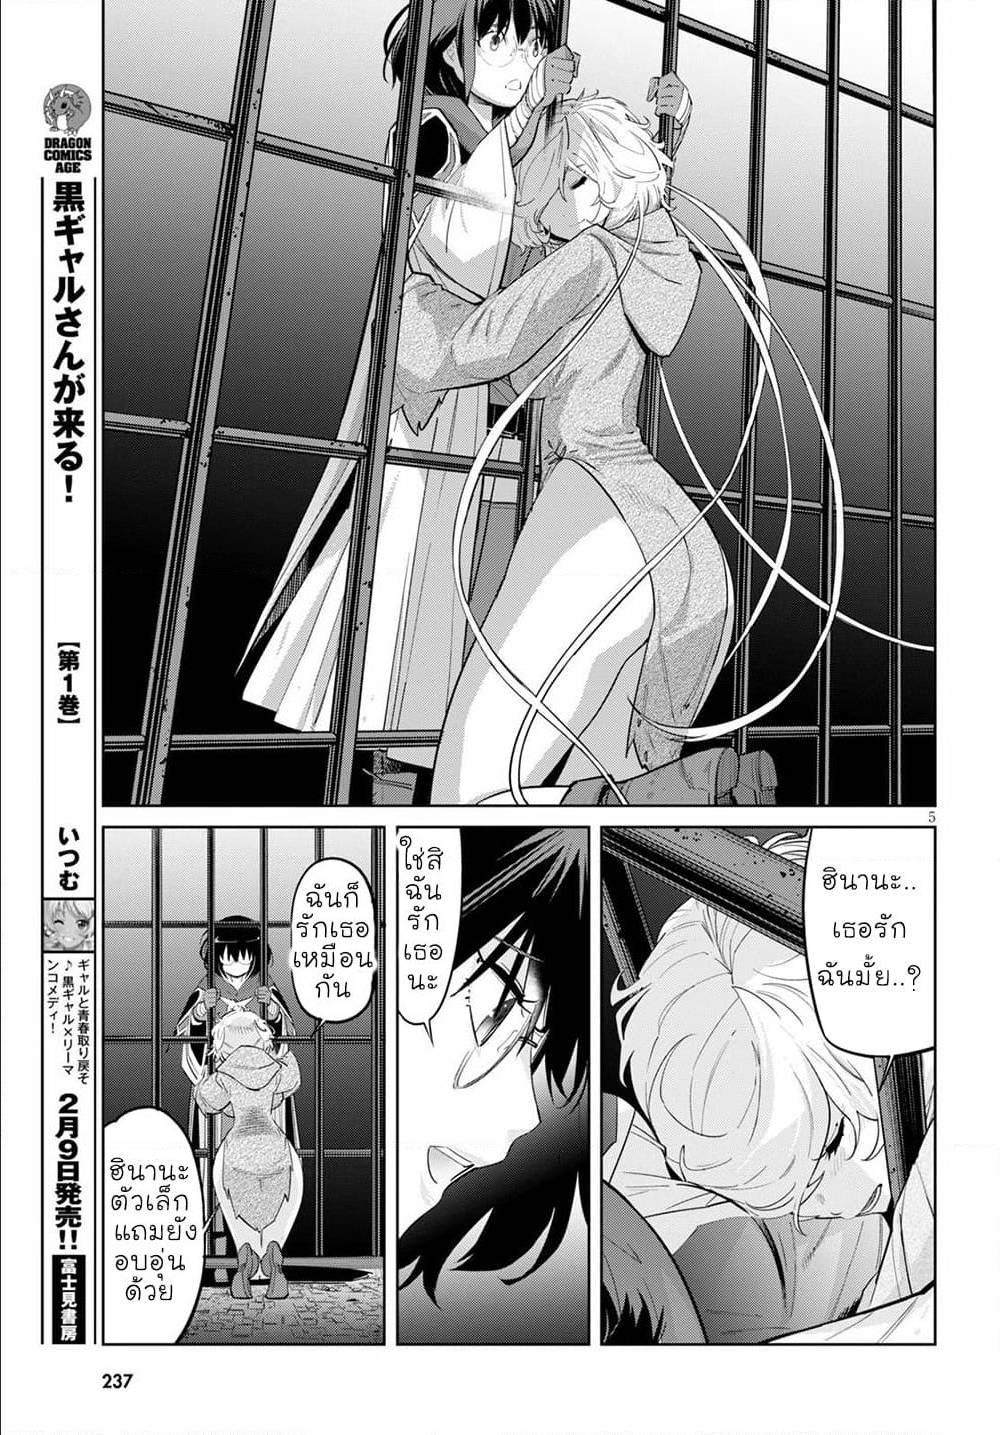 อ่านการ์ตูน Game obu Familia - Family Senki ตอนที่ 29 หน้าที่ 5